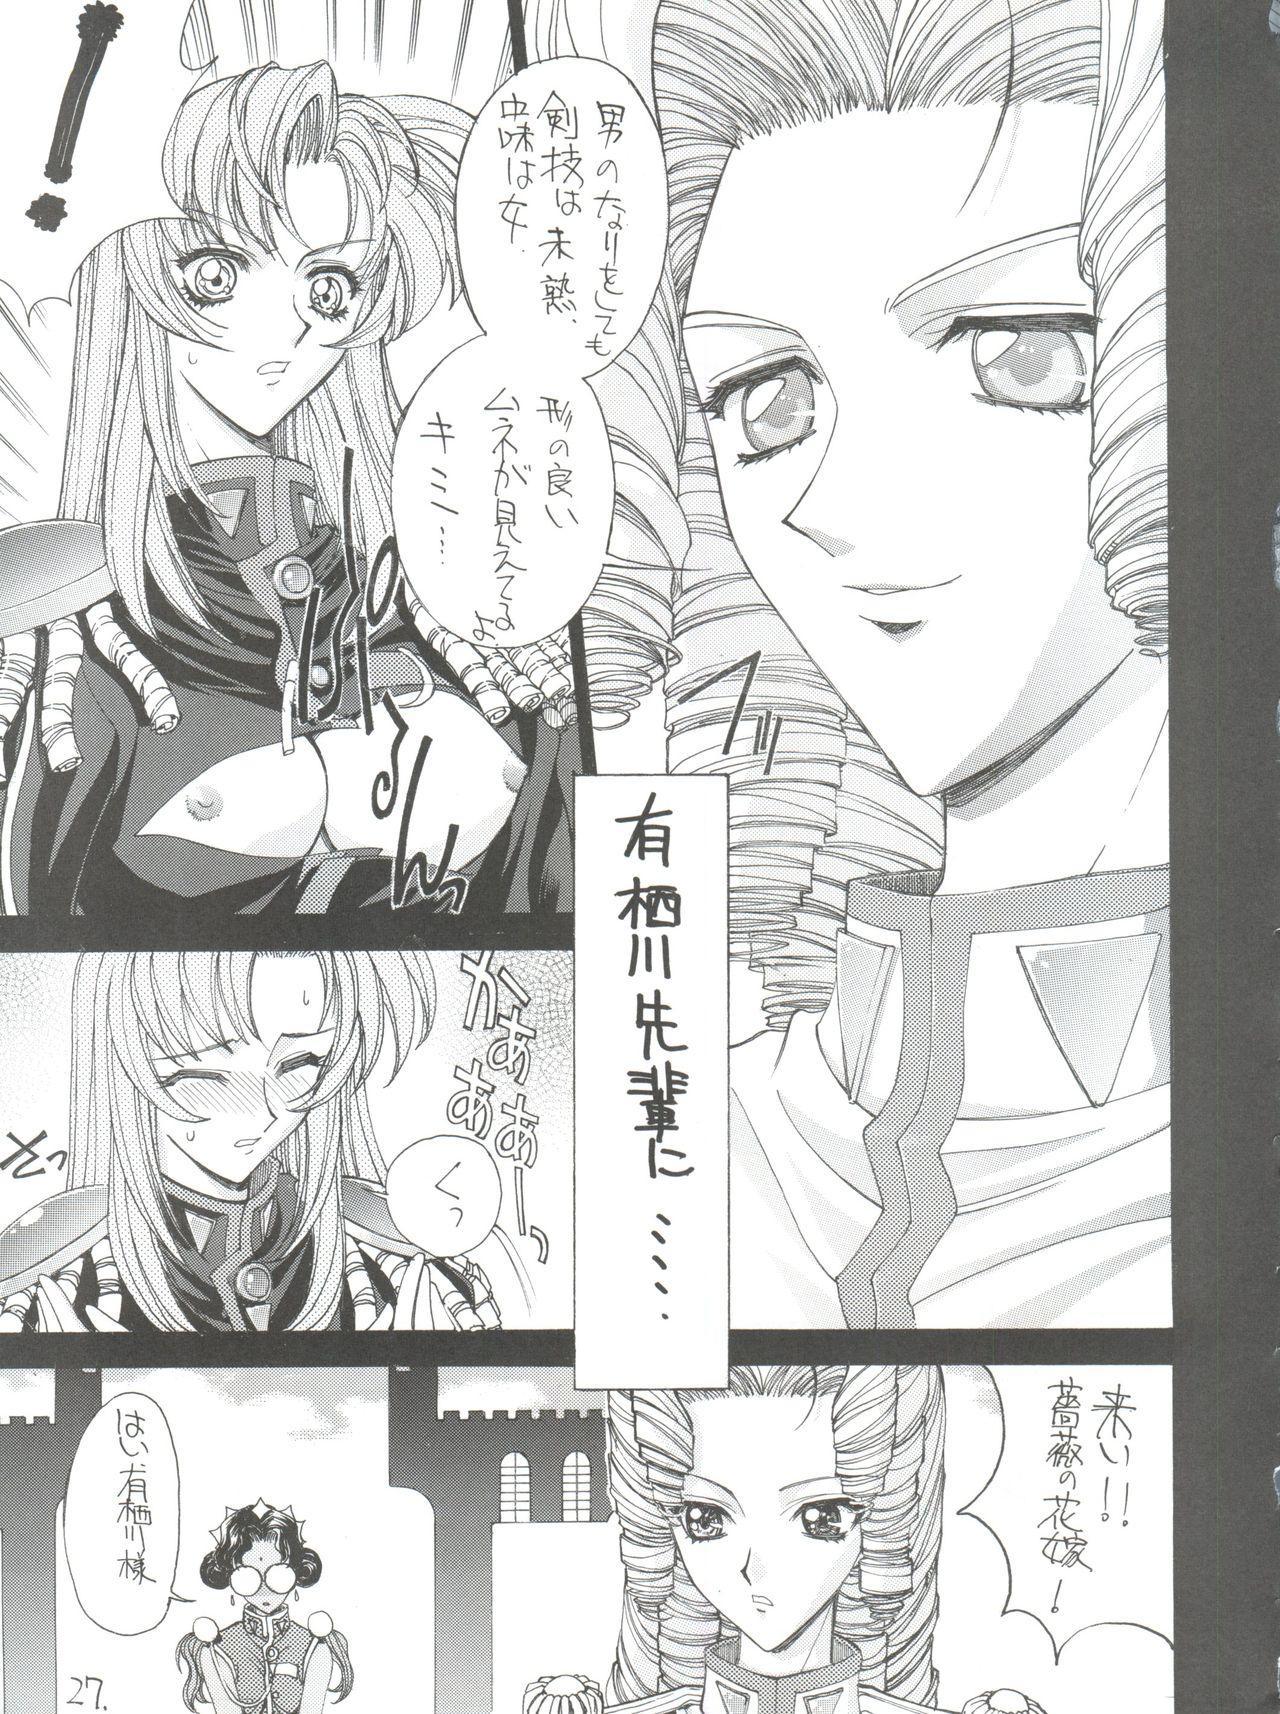 Shinku no Shounen Densetsu 25